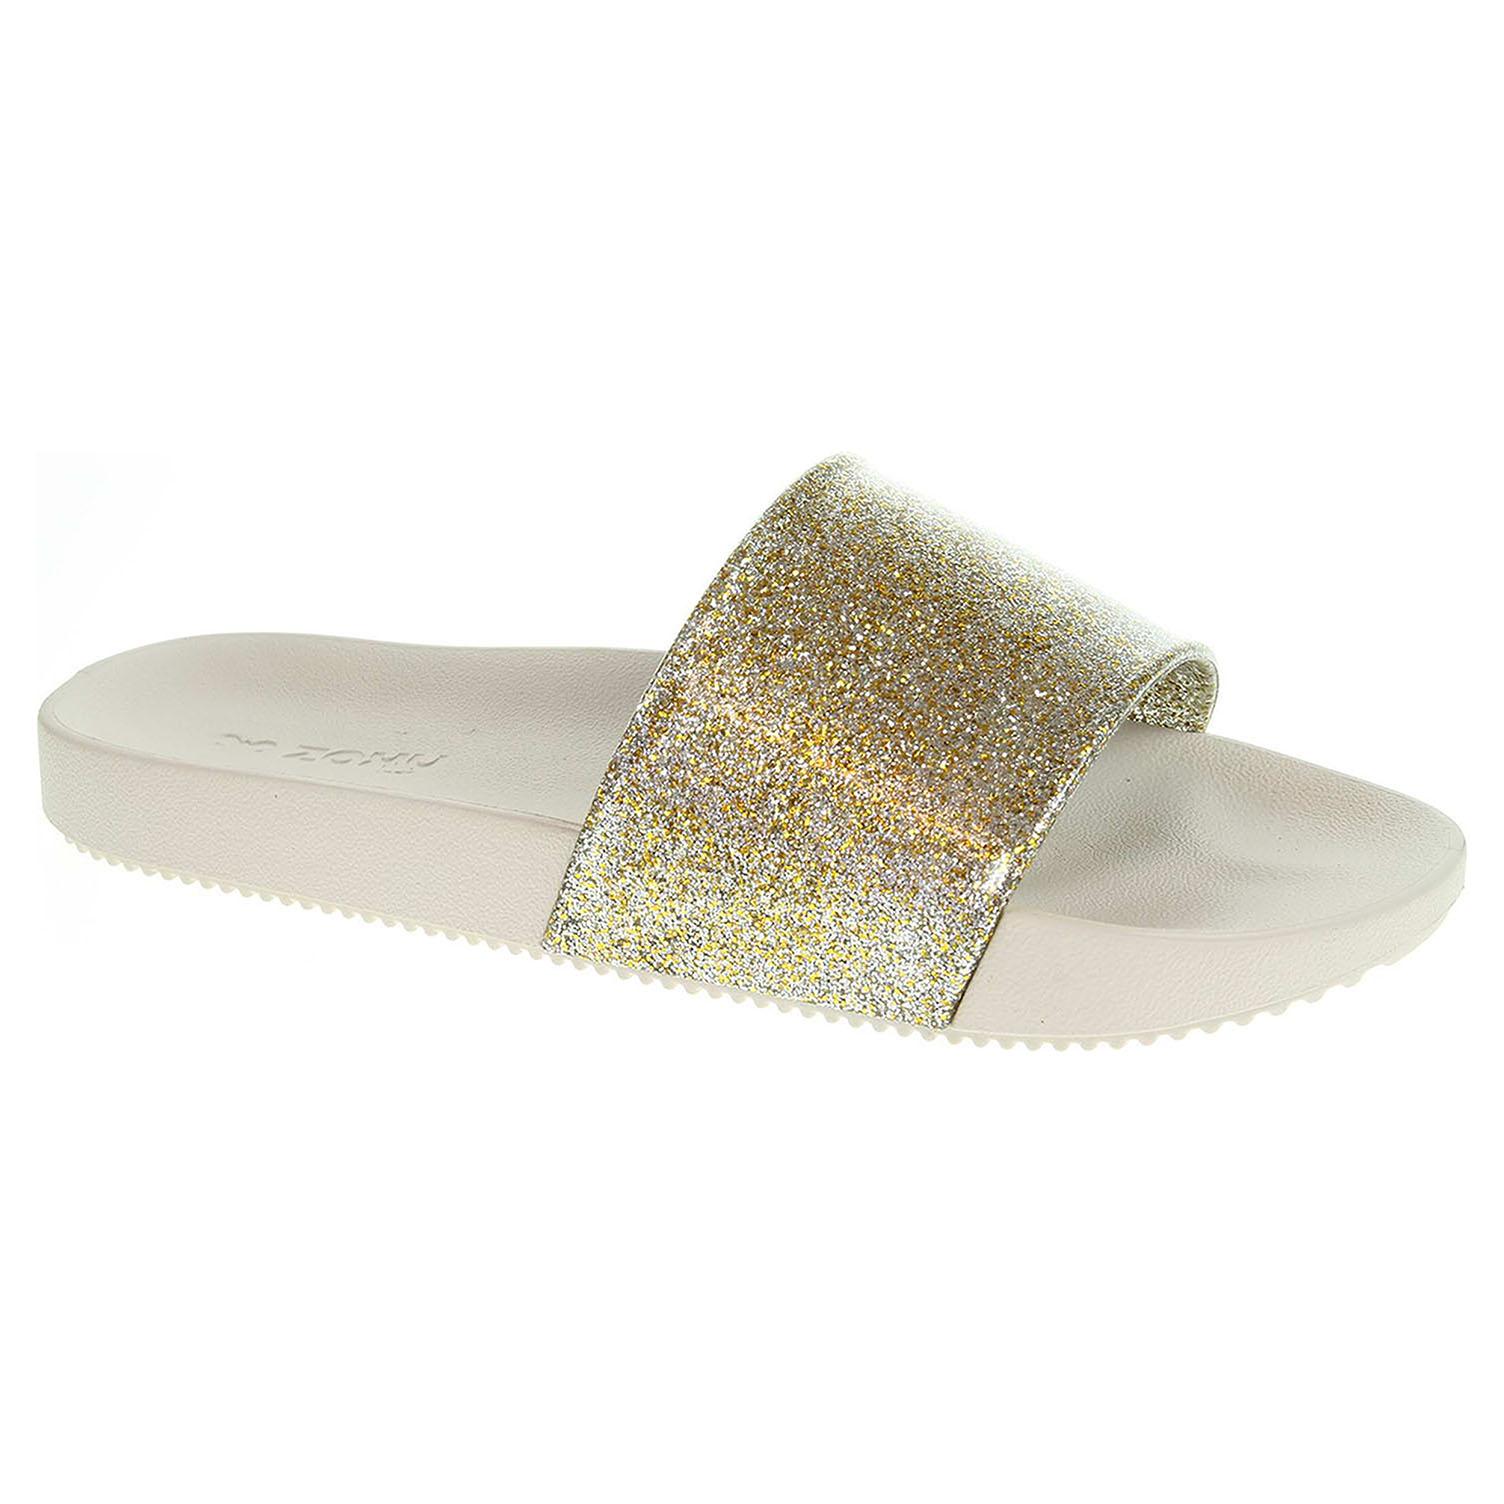 Ecco Dámské plážové pantofle Zaxy 82440 90287 glitter gold 23700359